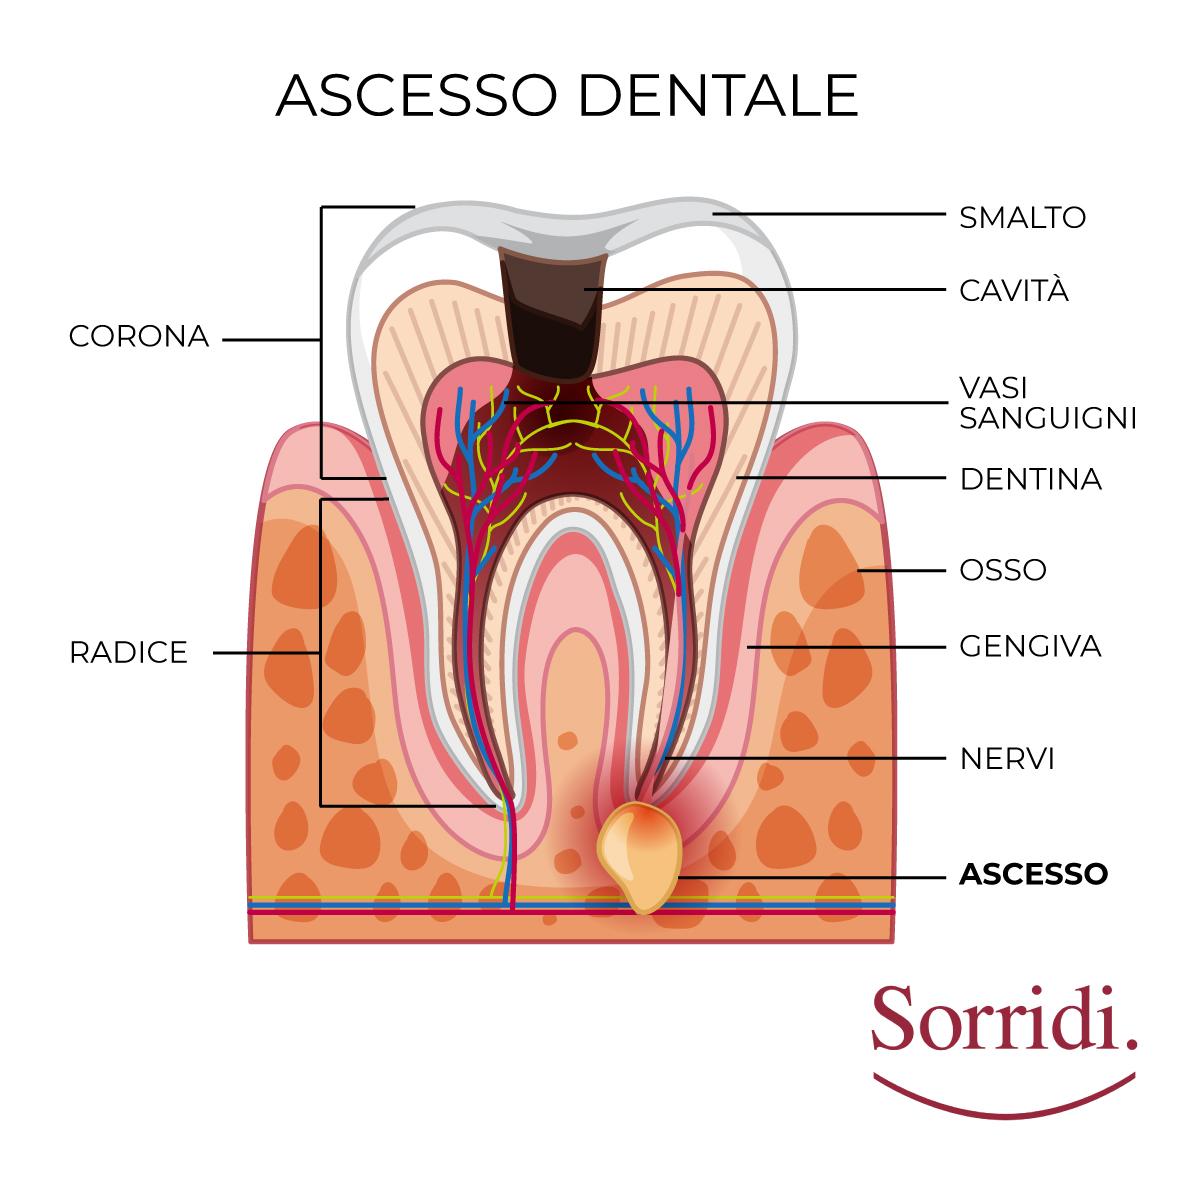 sorridi-ch-magazine-dentista-locarno-ascesso-dentale